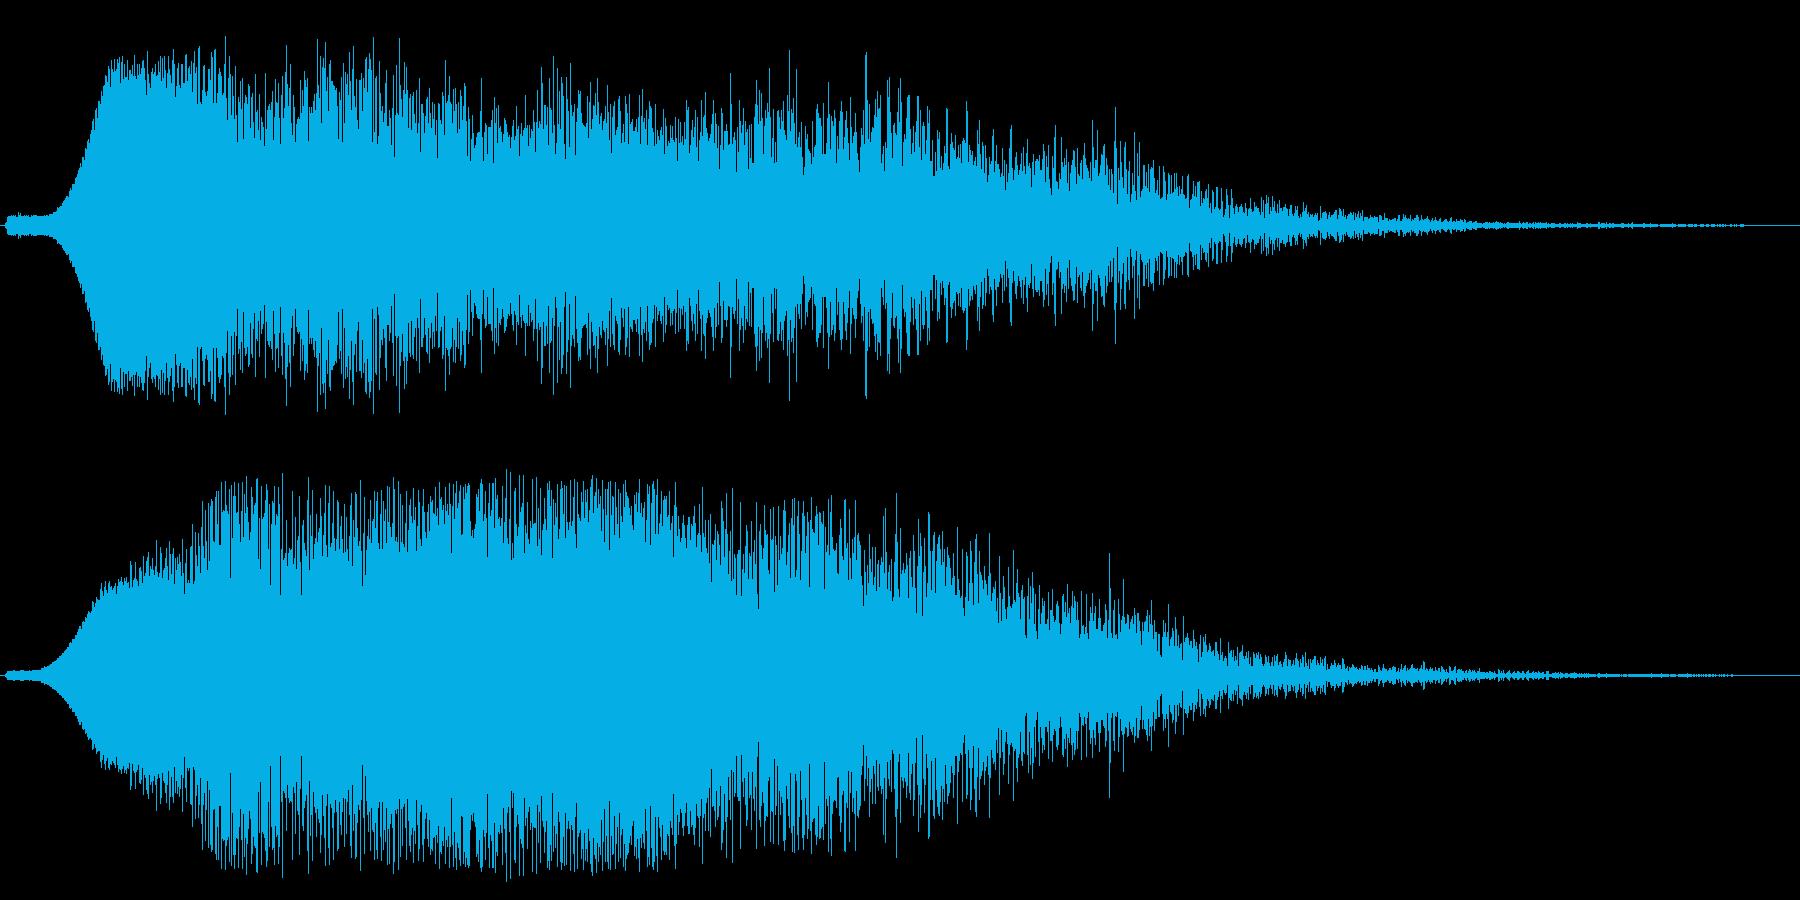 ファーンシューッ(広がり駆け抜けるSE)の再生済みの波形